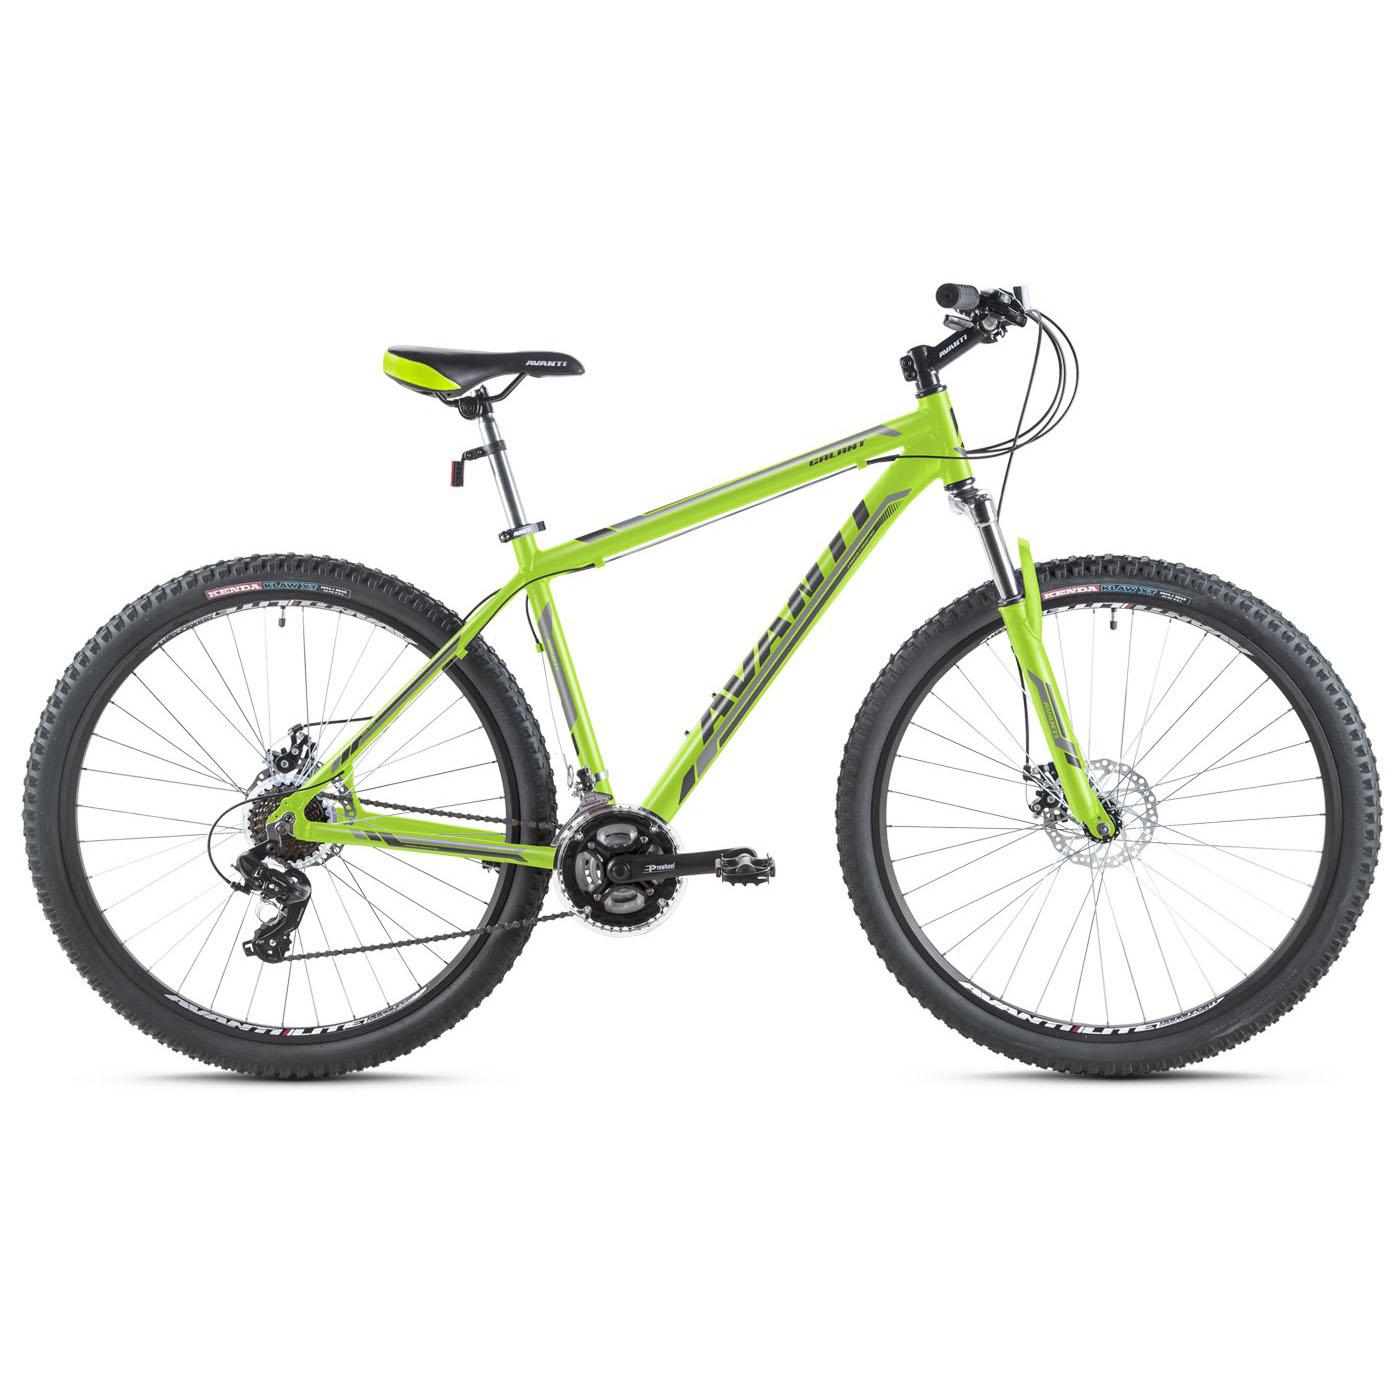 Фото Горный Велосипед   27,5 Avanti Galant disk 2016 зеленый